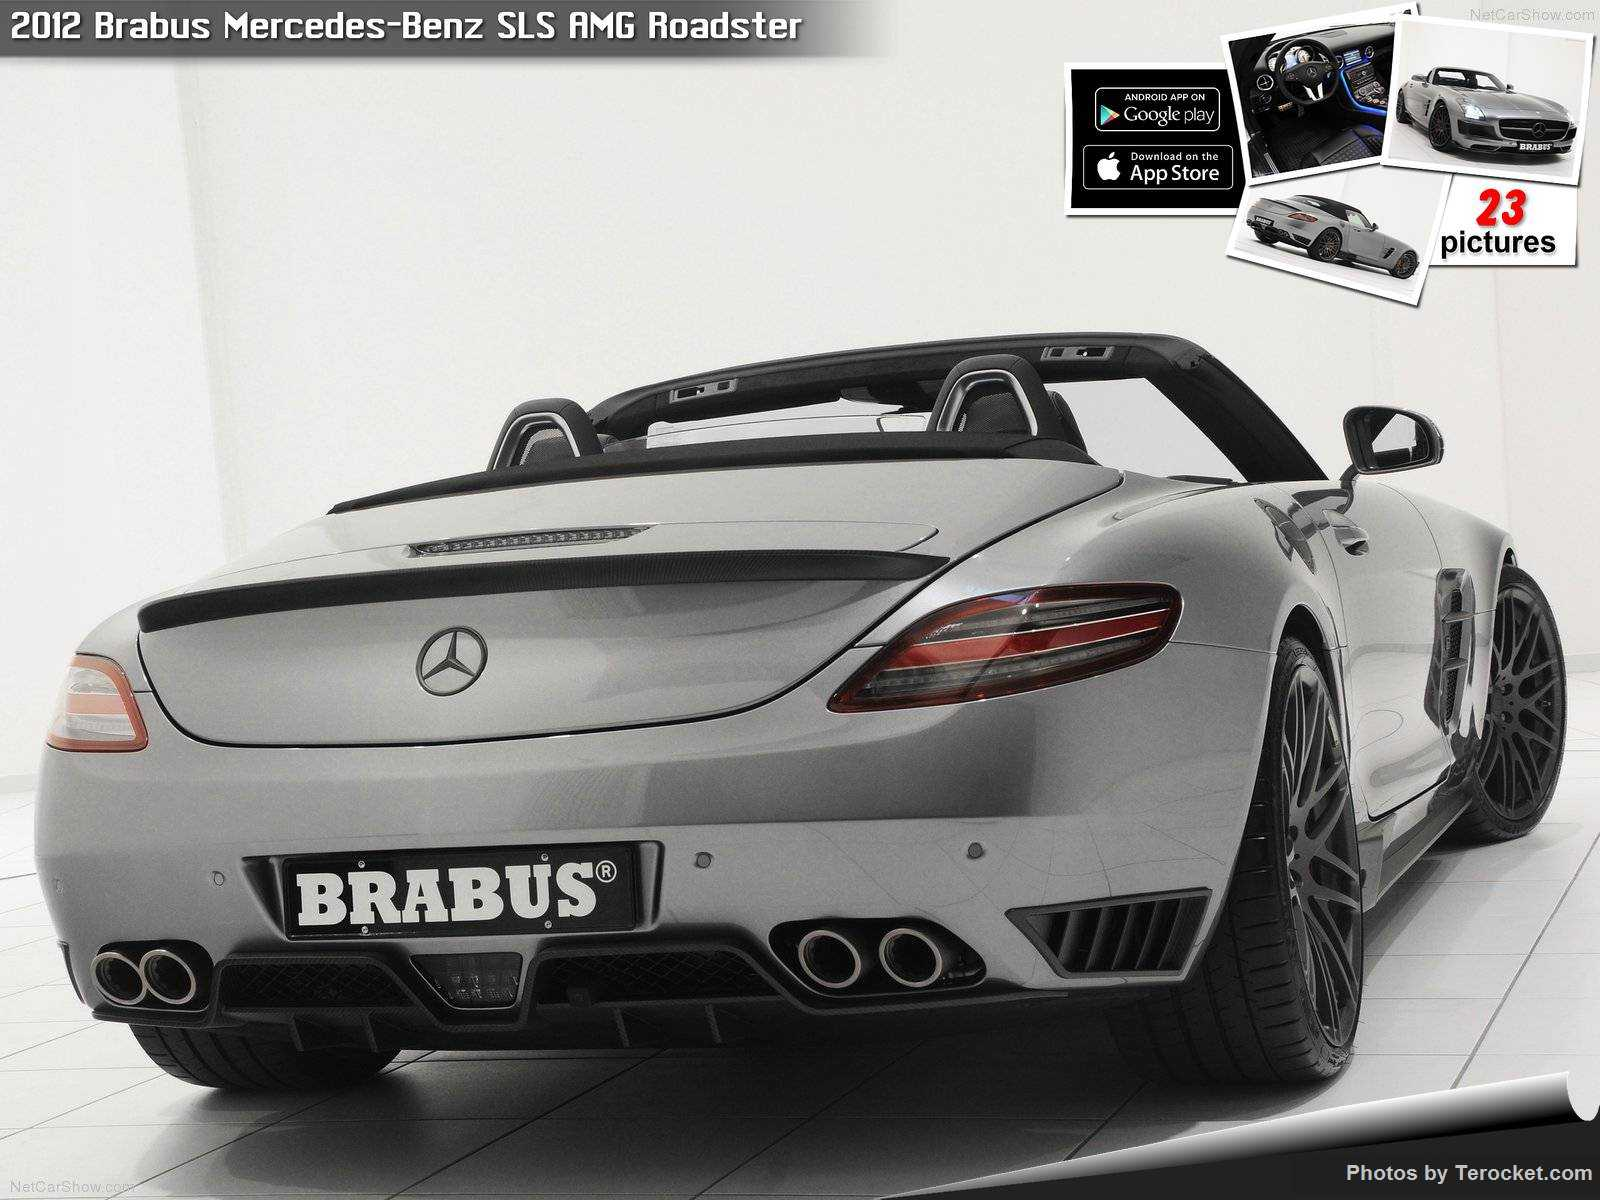 Hình ảnh xe ô tô Brabus Mercedes-Benz SLS AMG Roadster 2012 & nội ngoại thất